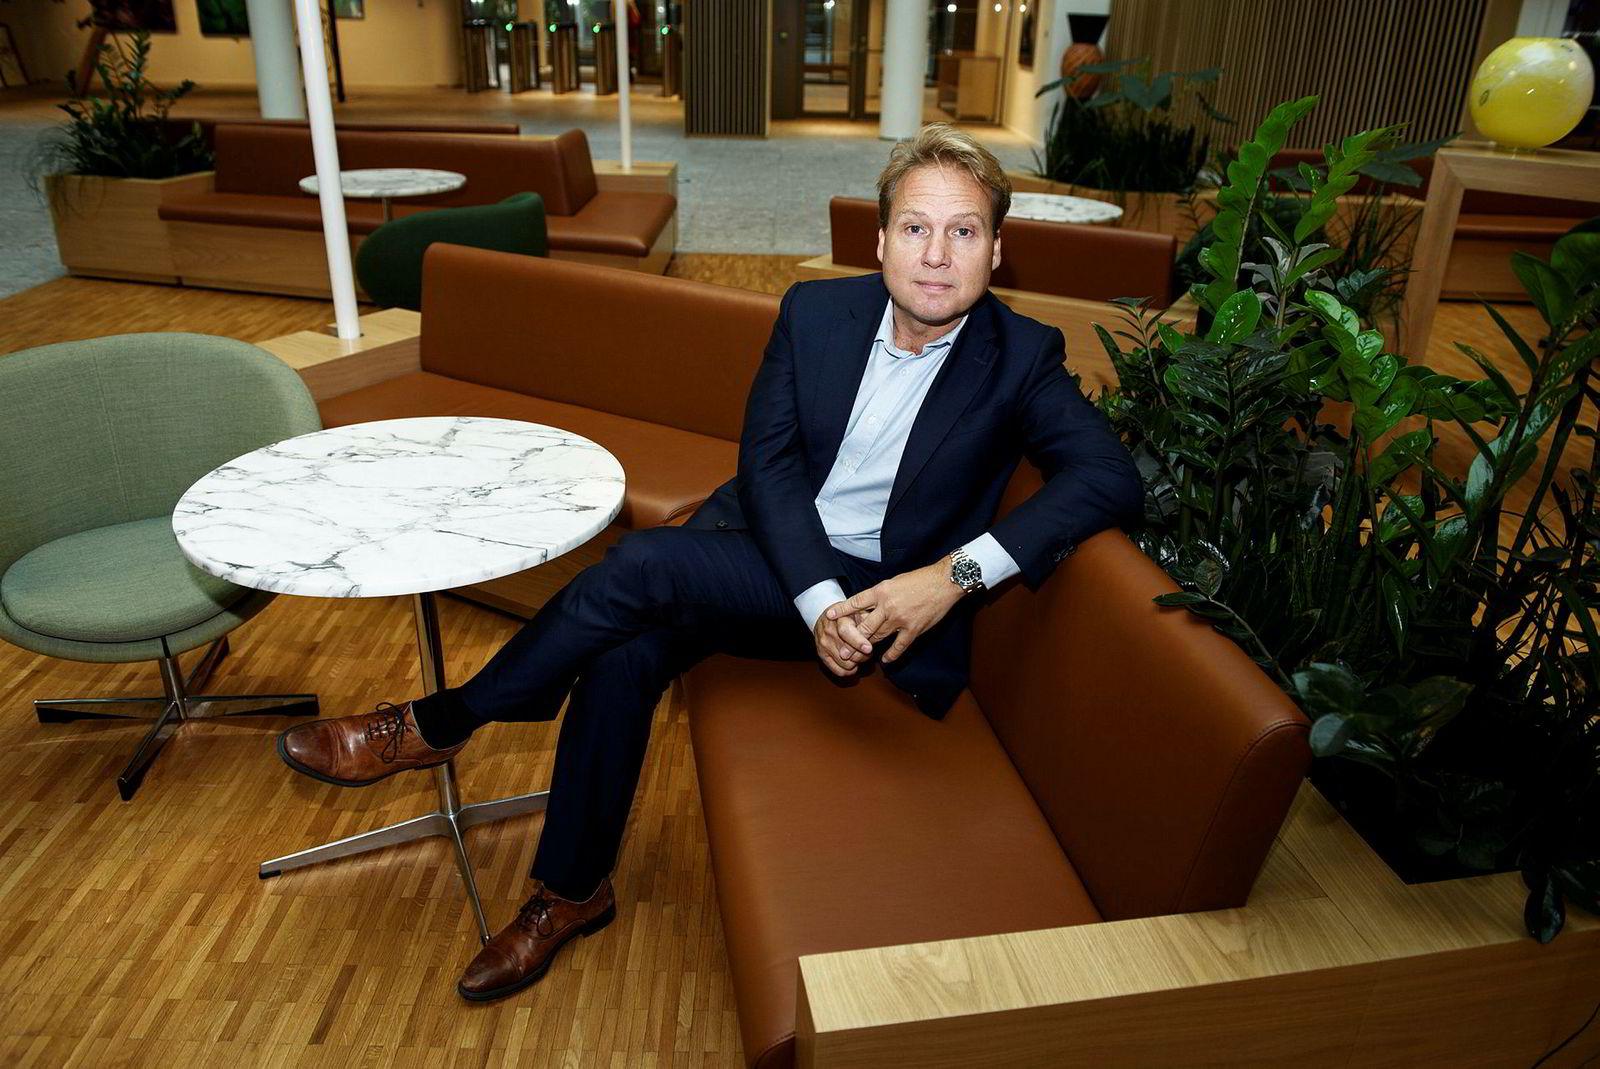 John Sætre, leder for Nordeas bankvirksomhet, sier bankene må endre sin plattformstrategi fremover.